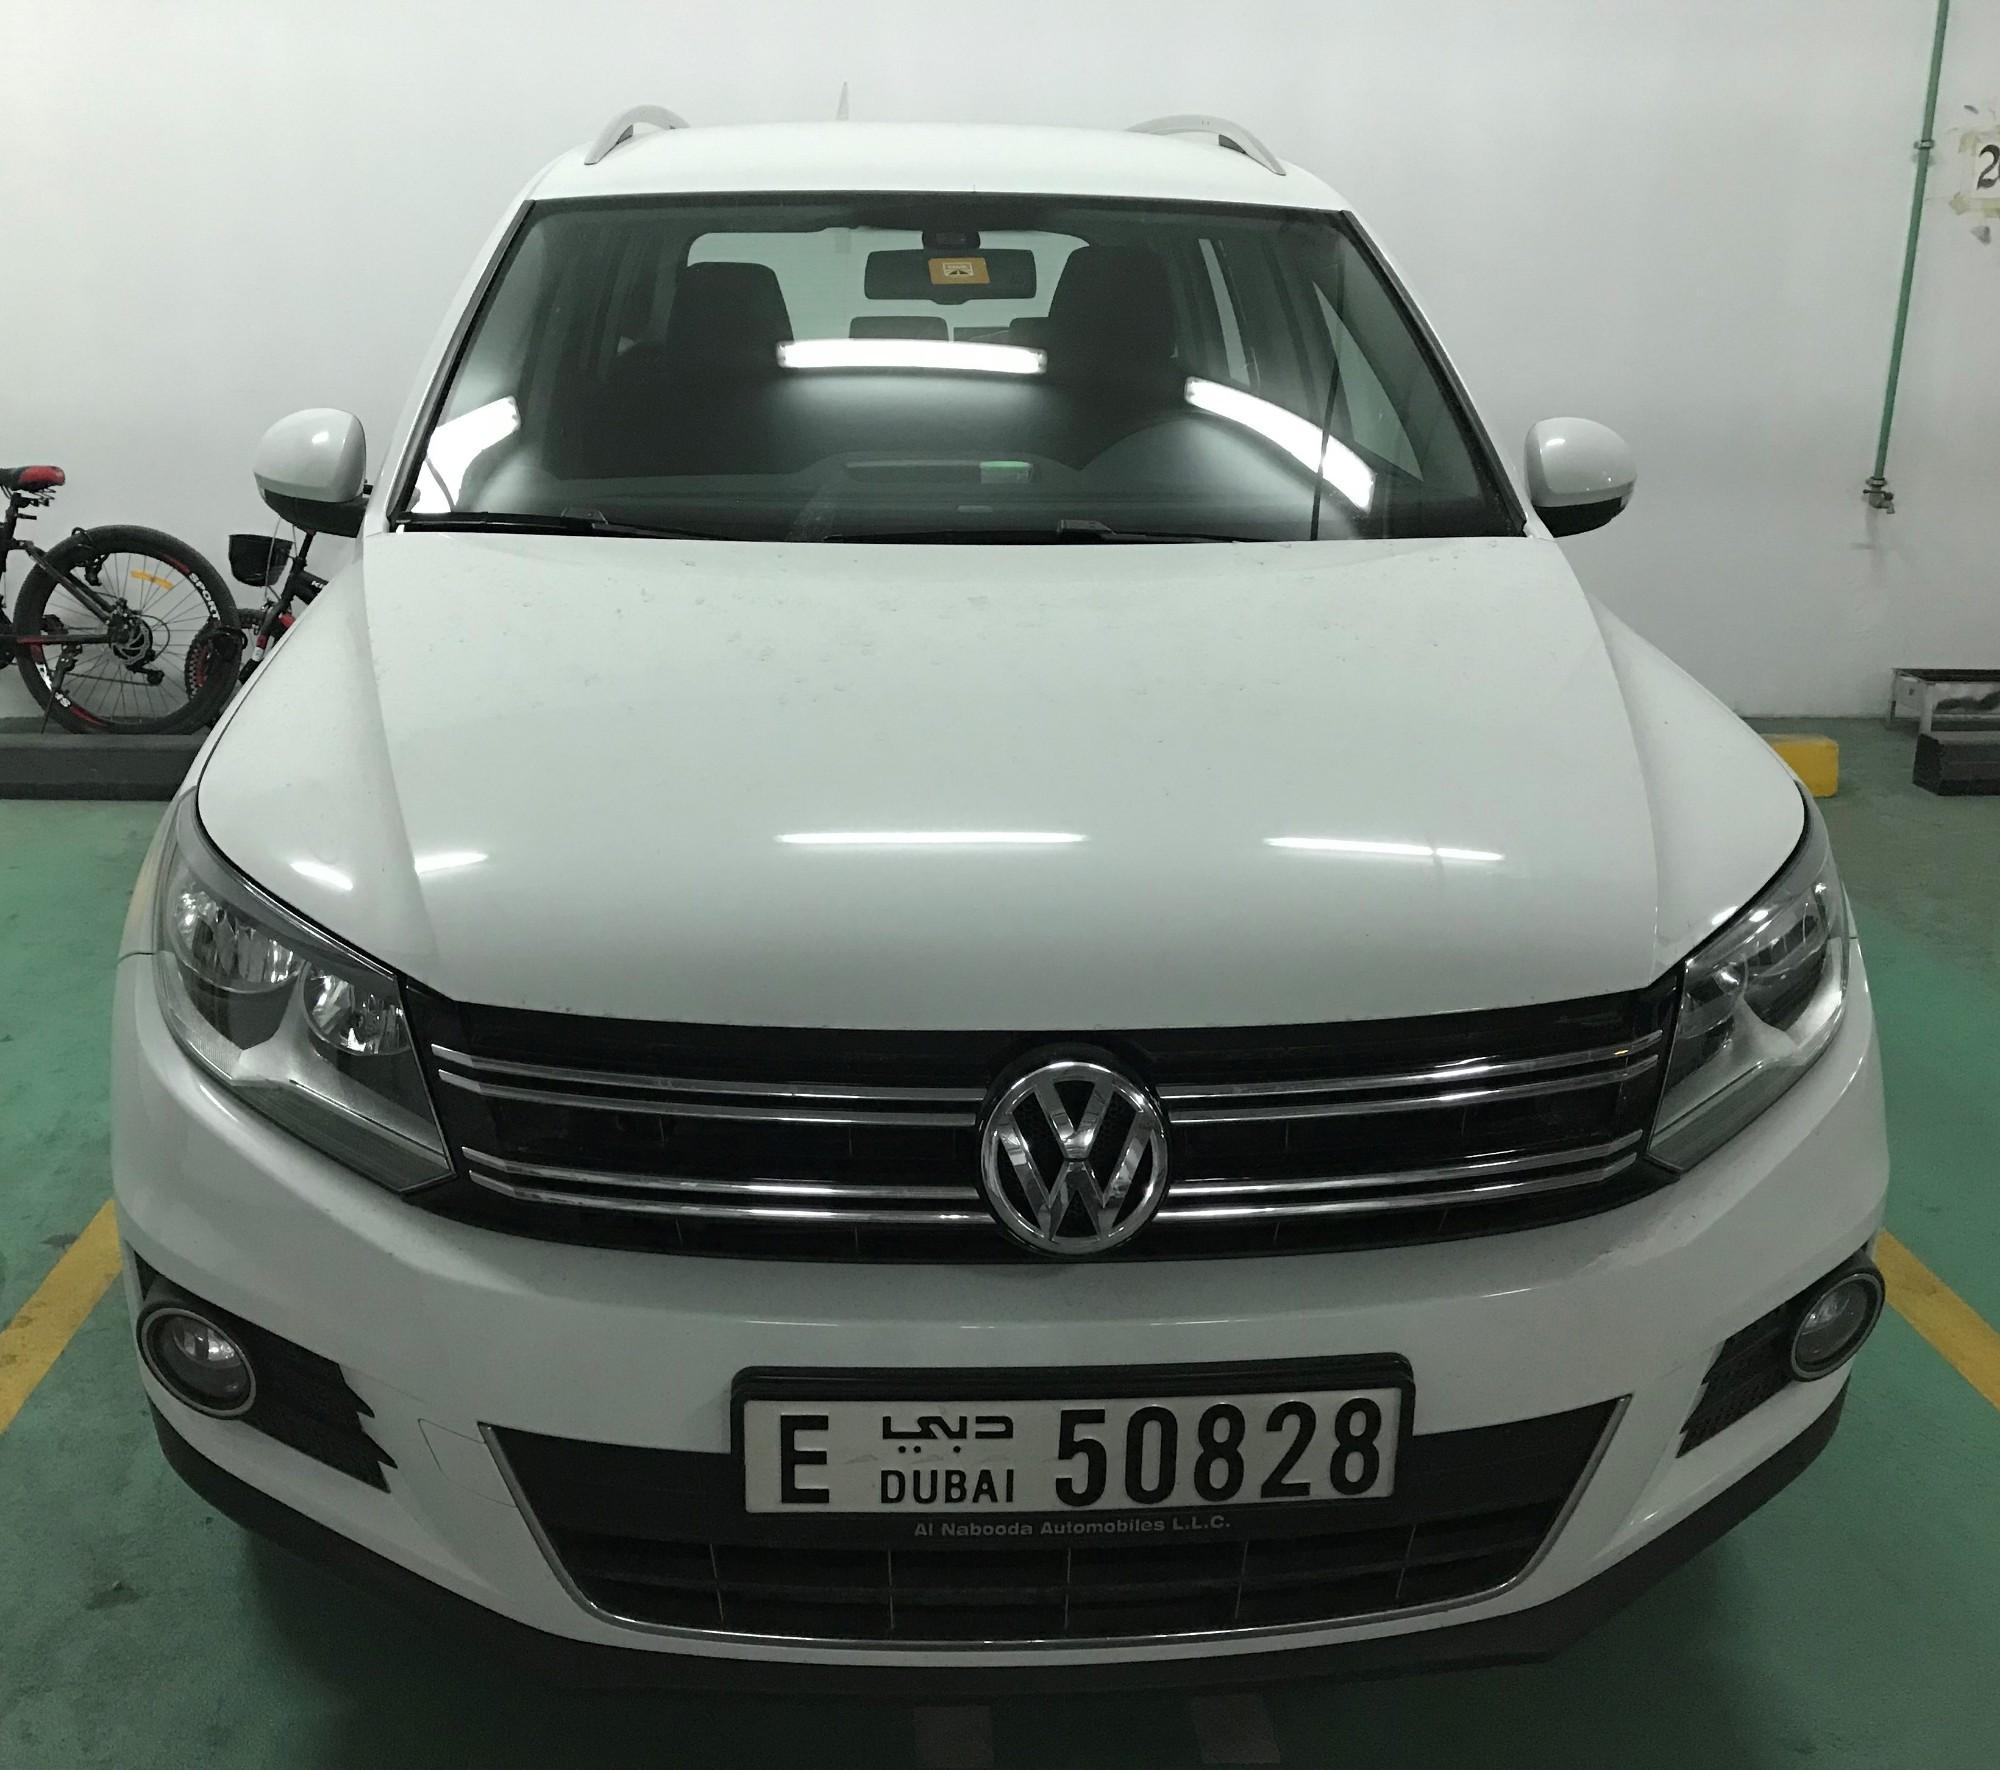 Volkswagen 2015 Tiguan: Used Volkswagen Tiguan 2.0 TSI 4Motion 2015 (866090